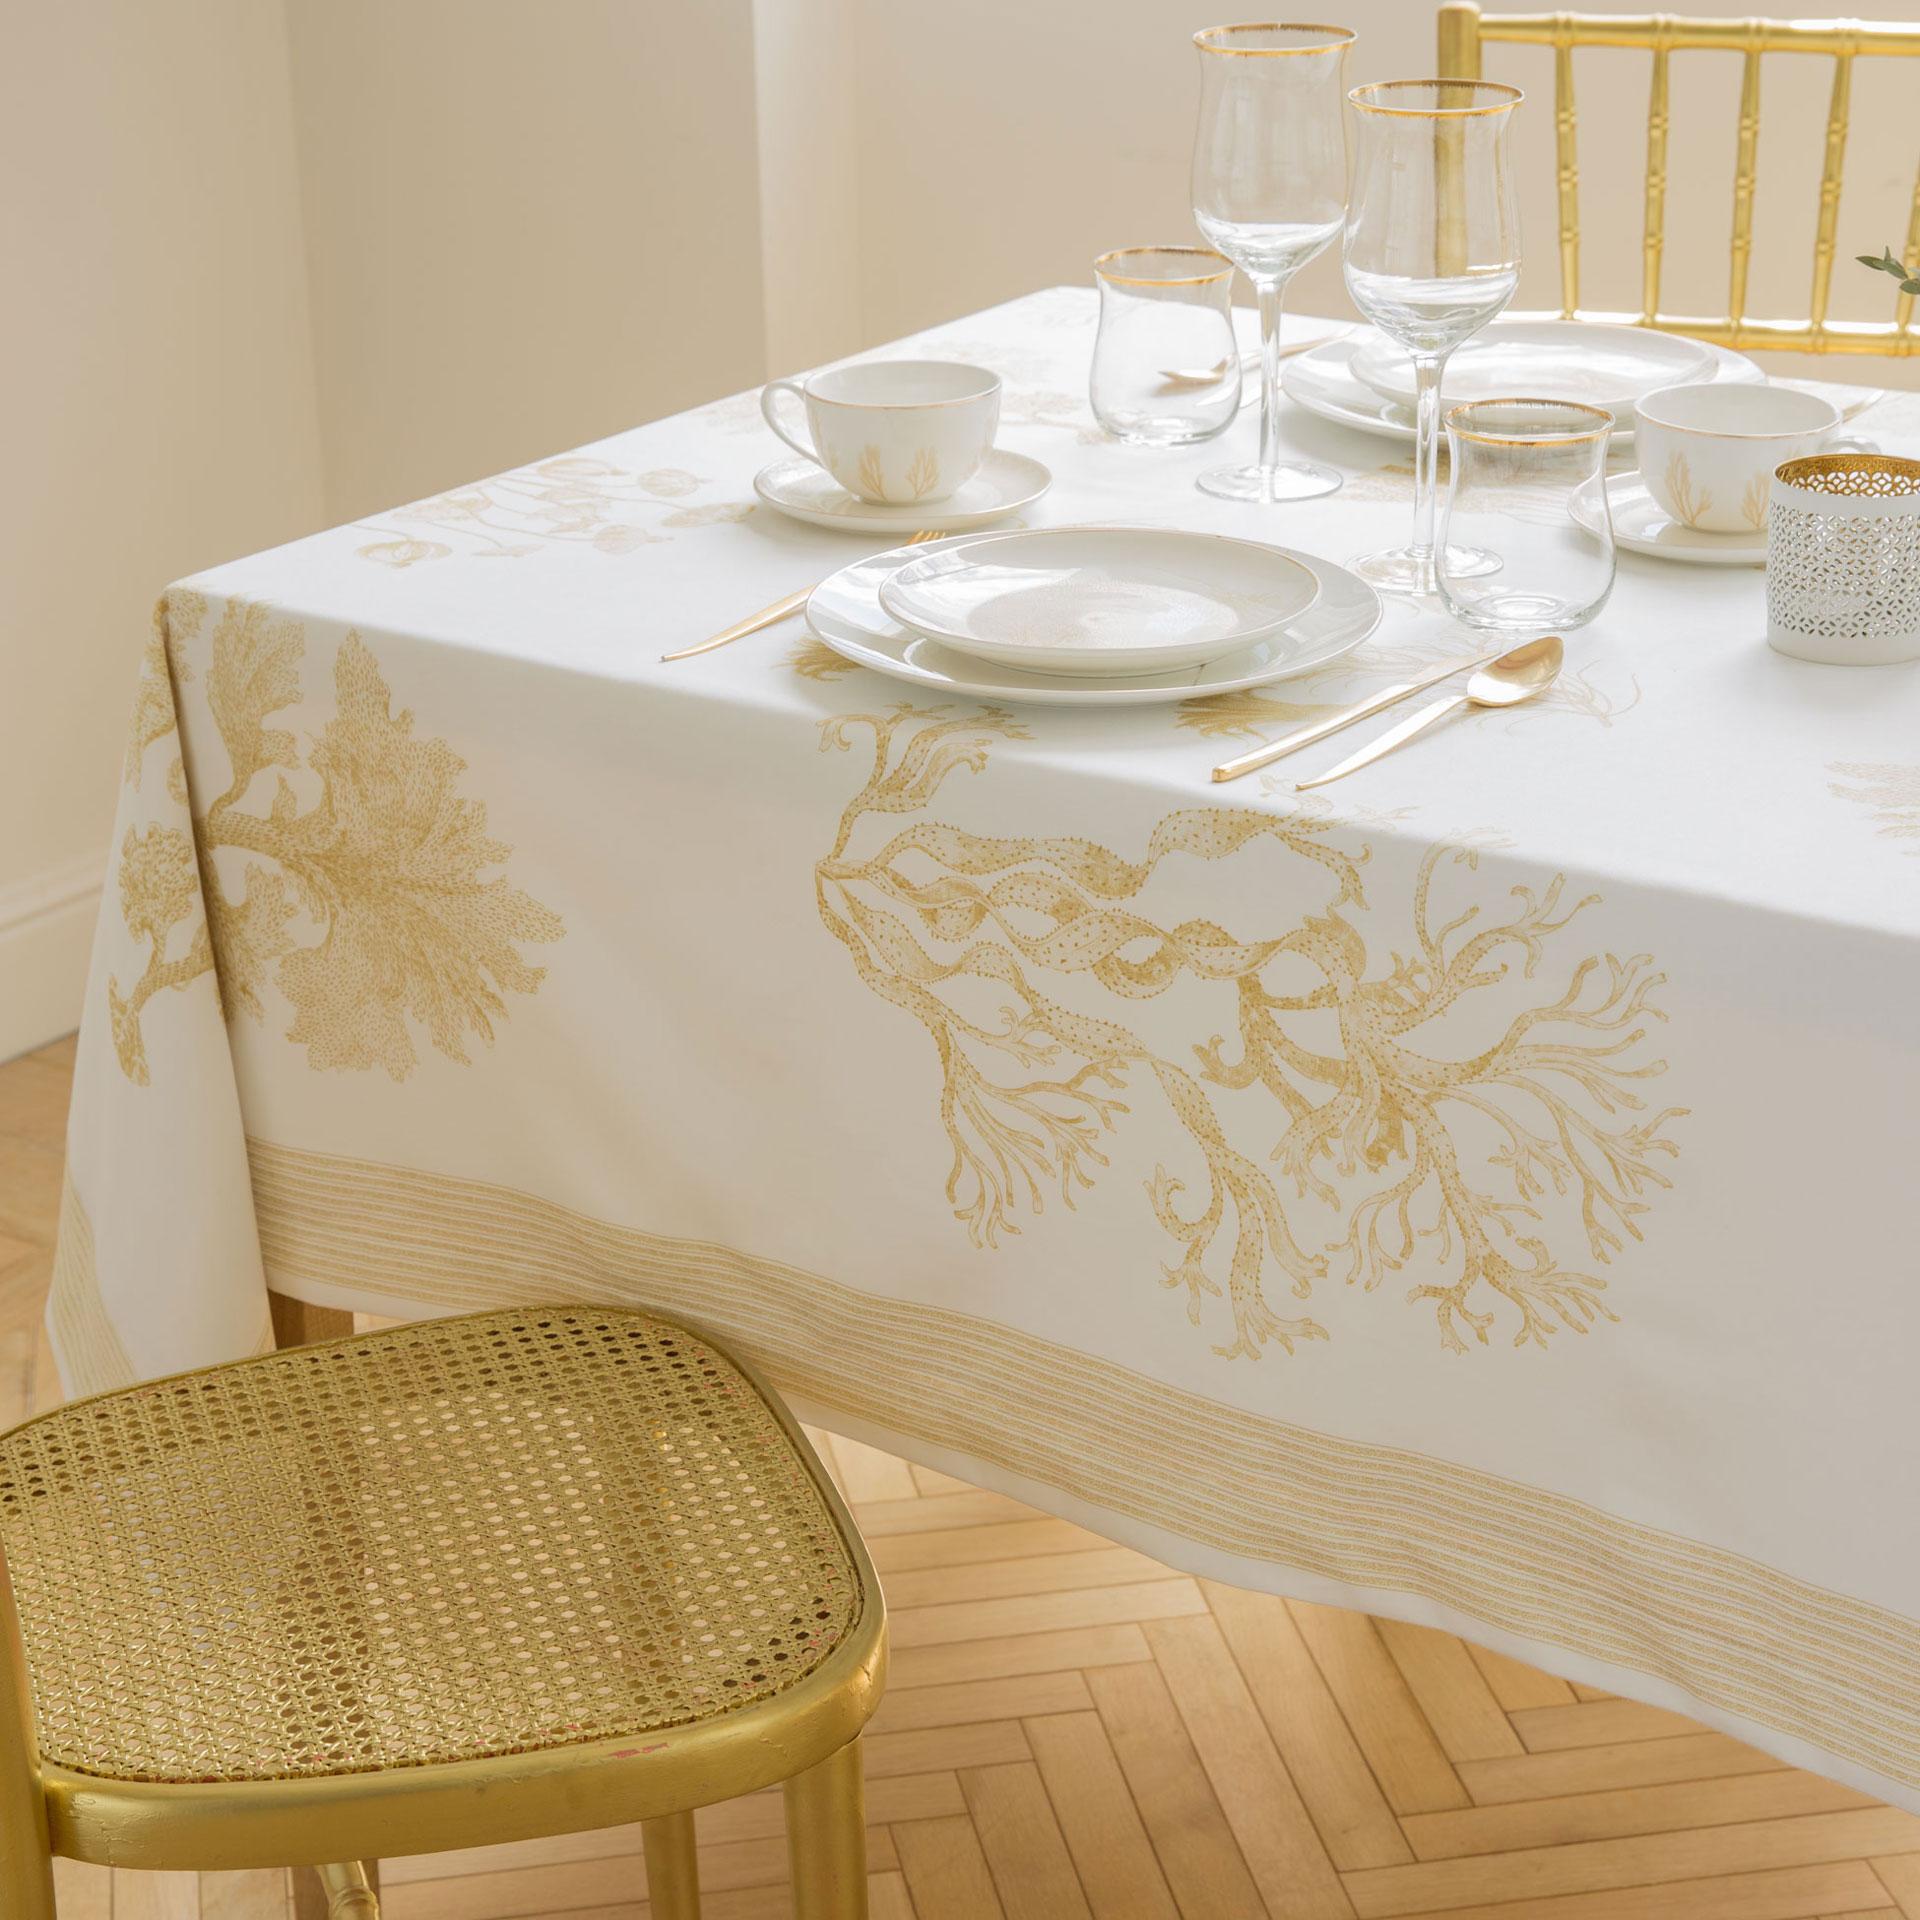 zara-tablecloth-gold